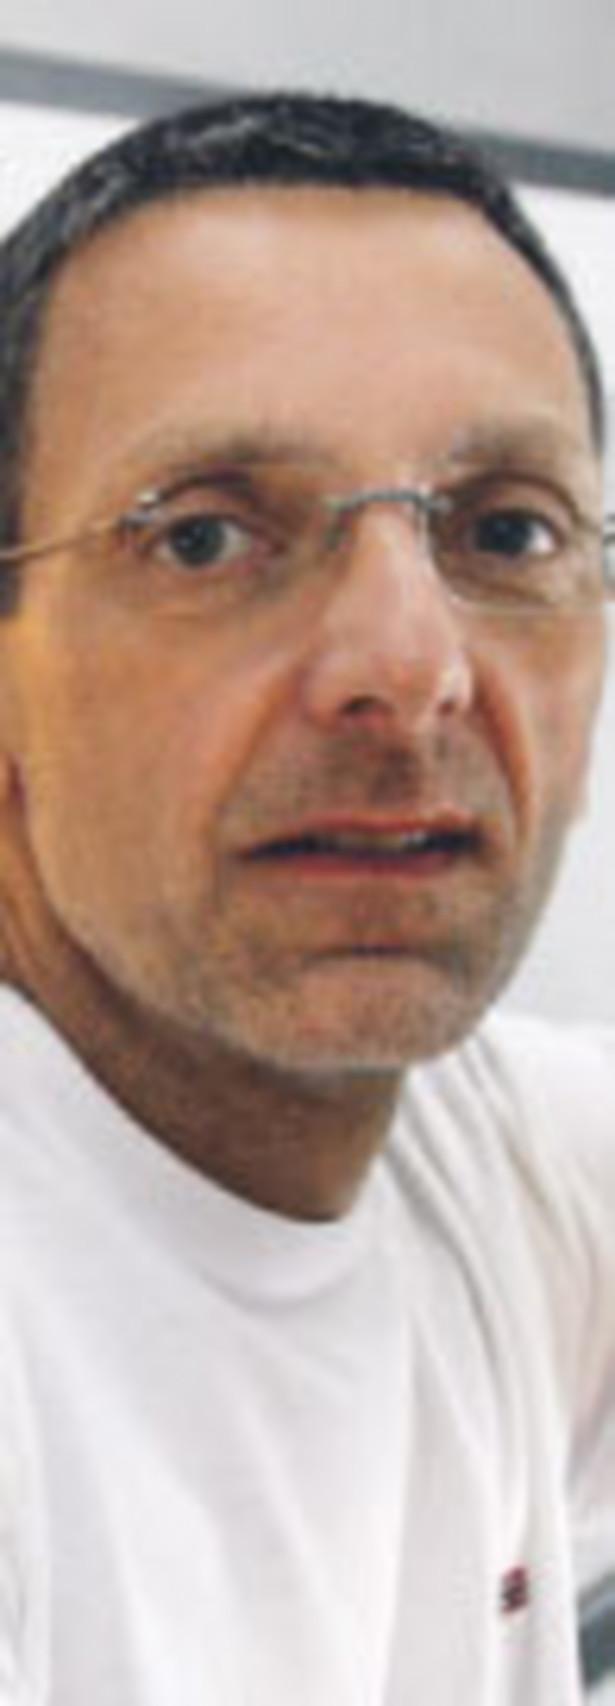 Krzysztof Najder, prezes firmy doradztwa marketingowego Stratosfera